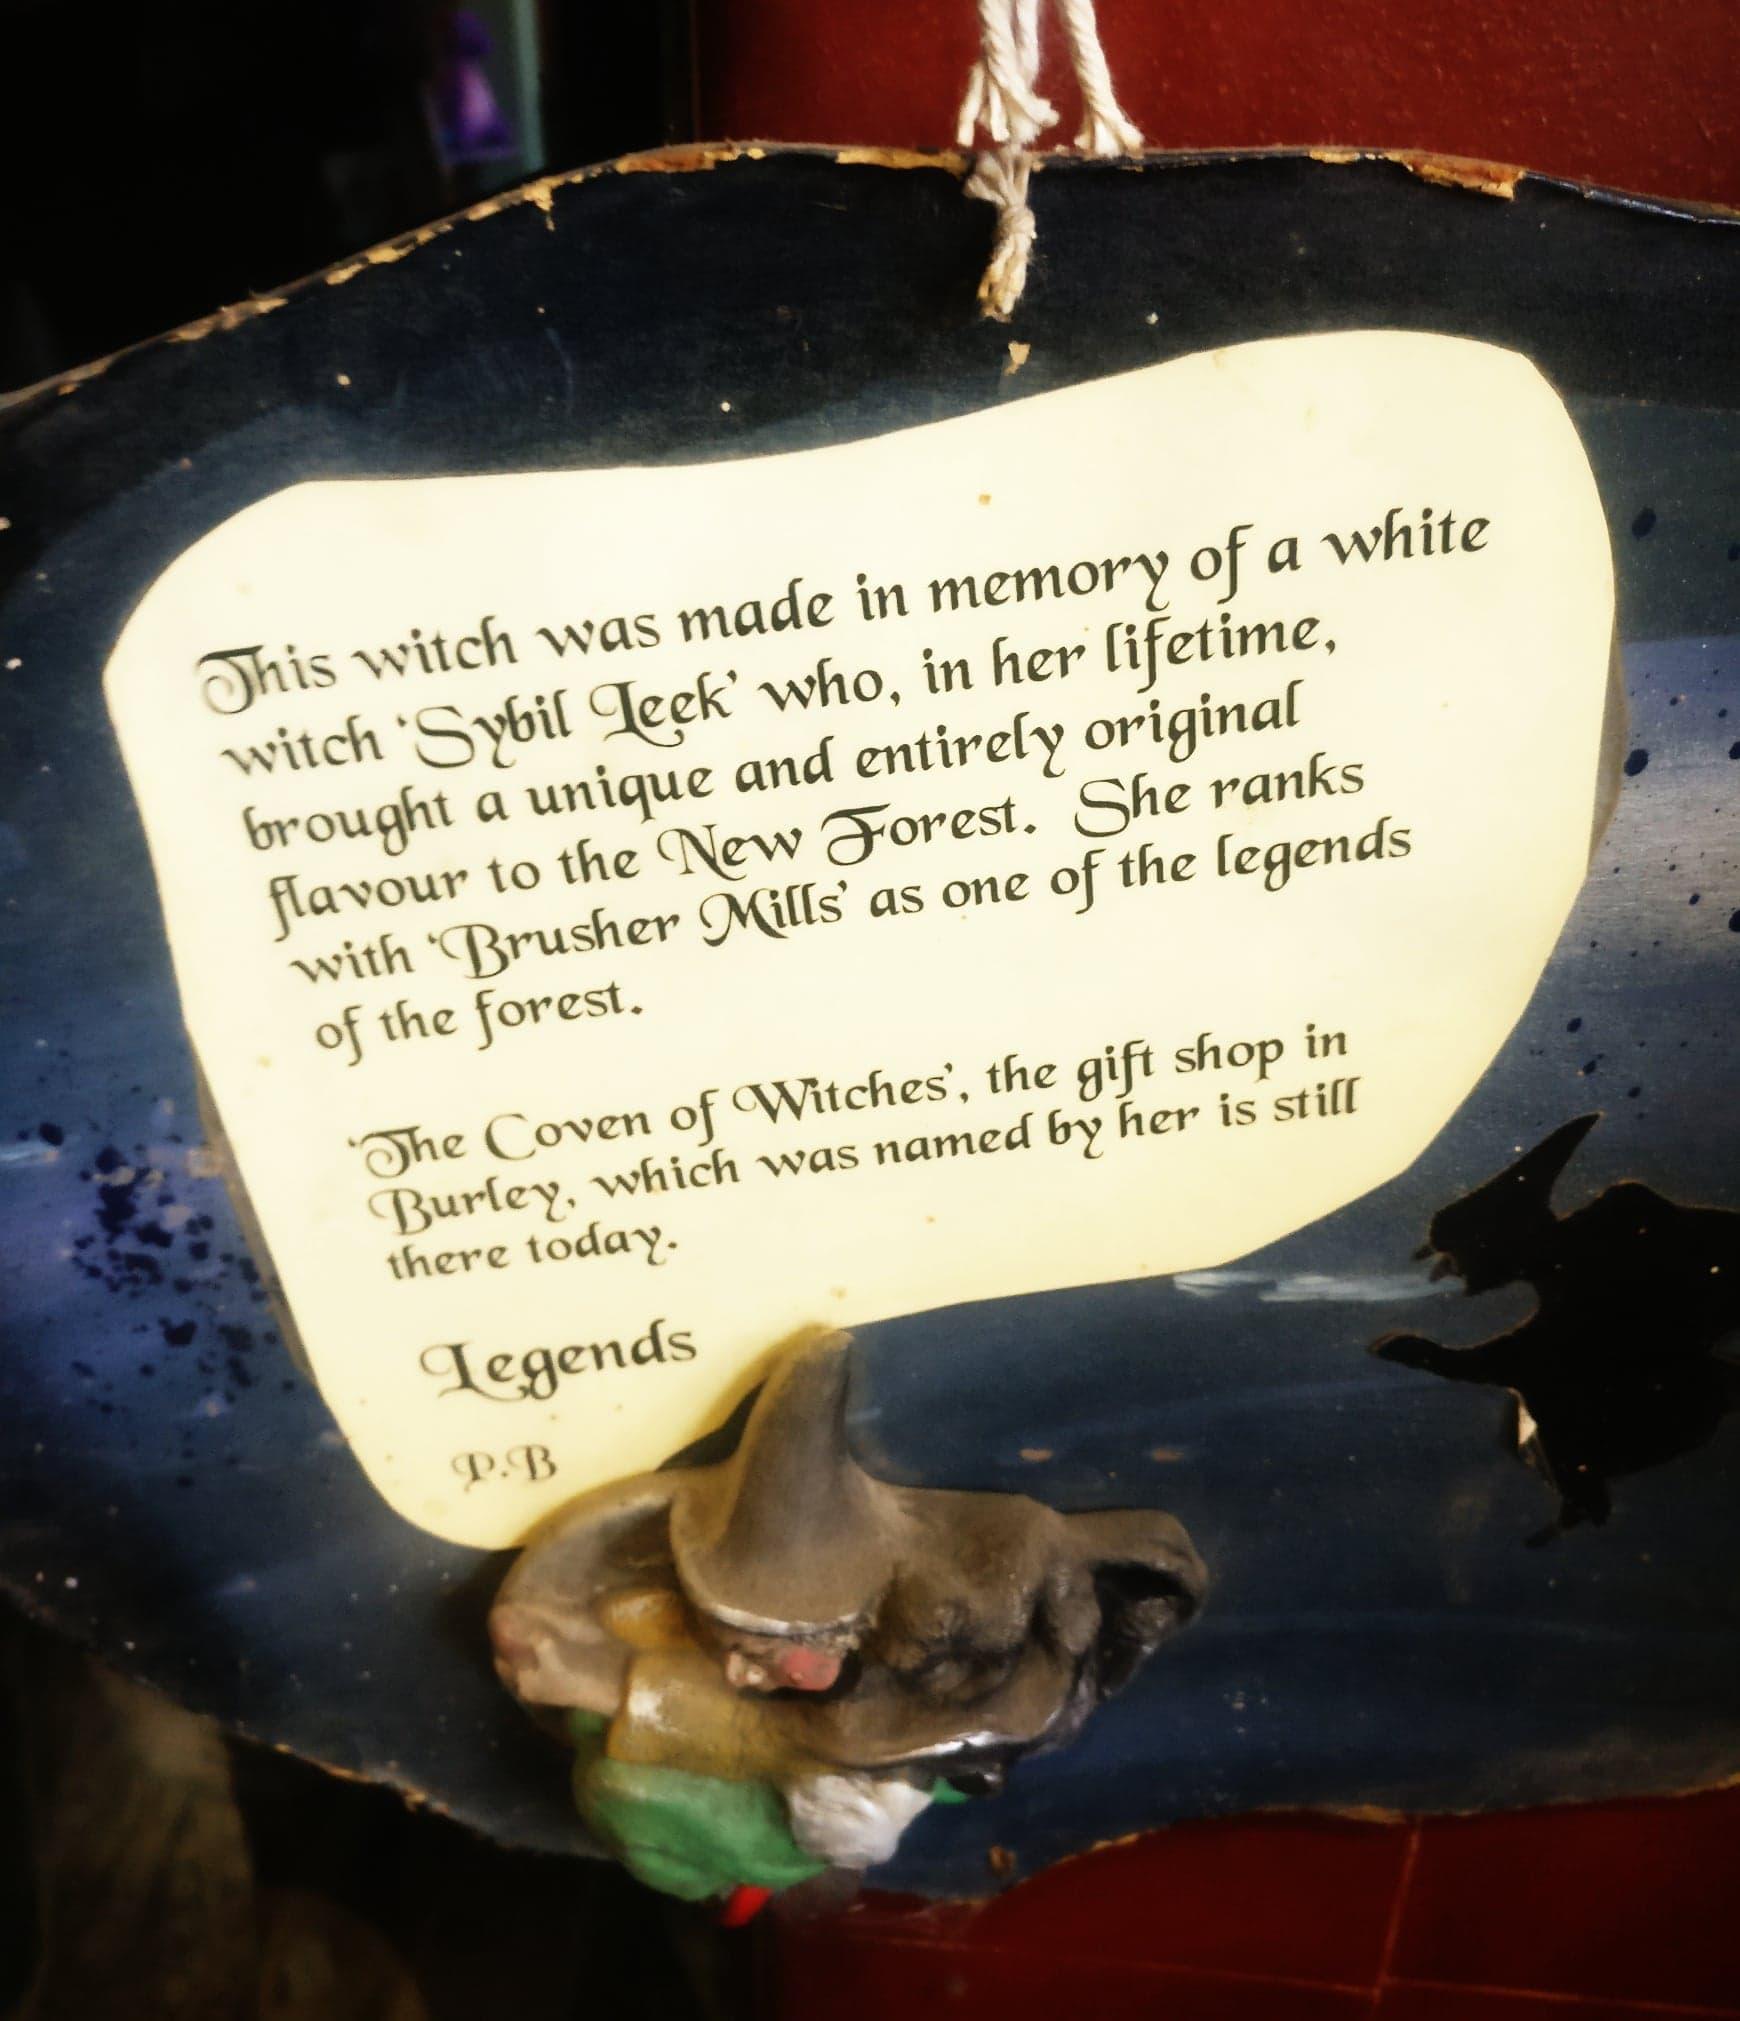 burley new forest angleterre sorcière hanté fantôme hampshire sybil leek